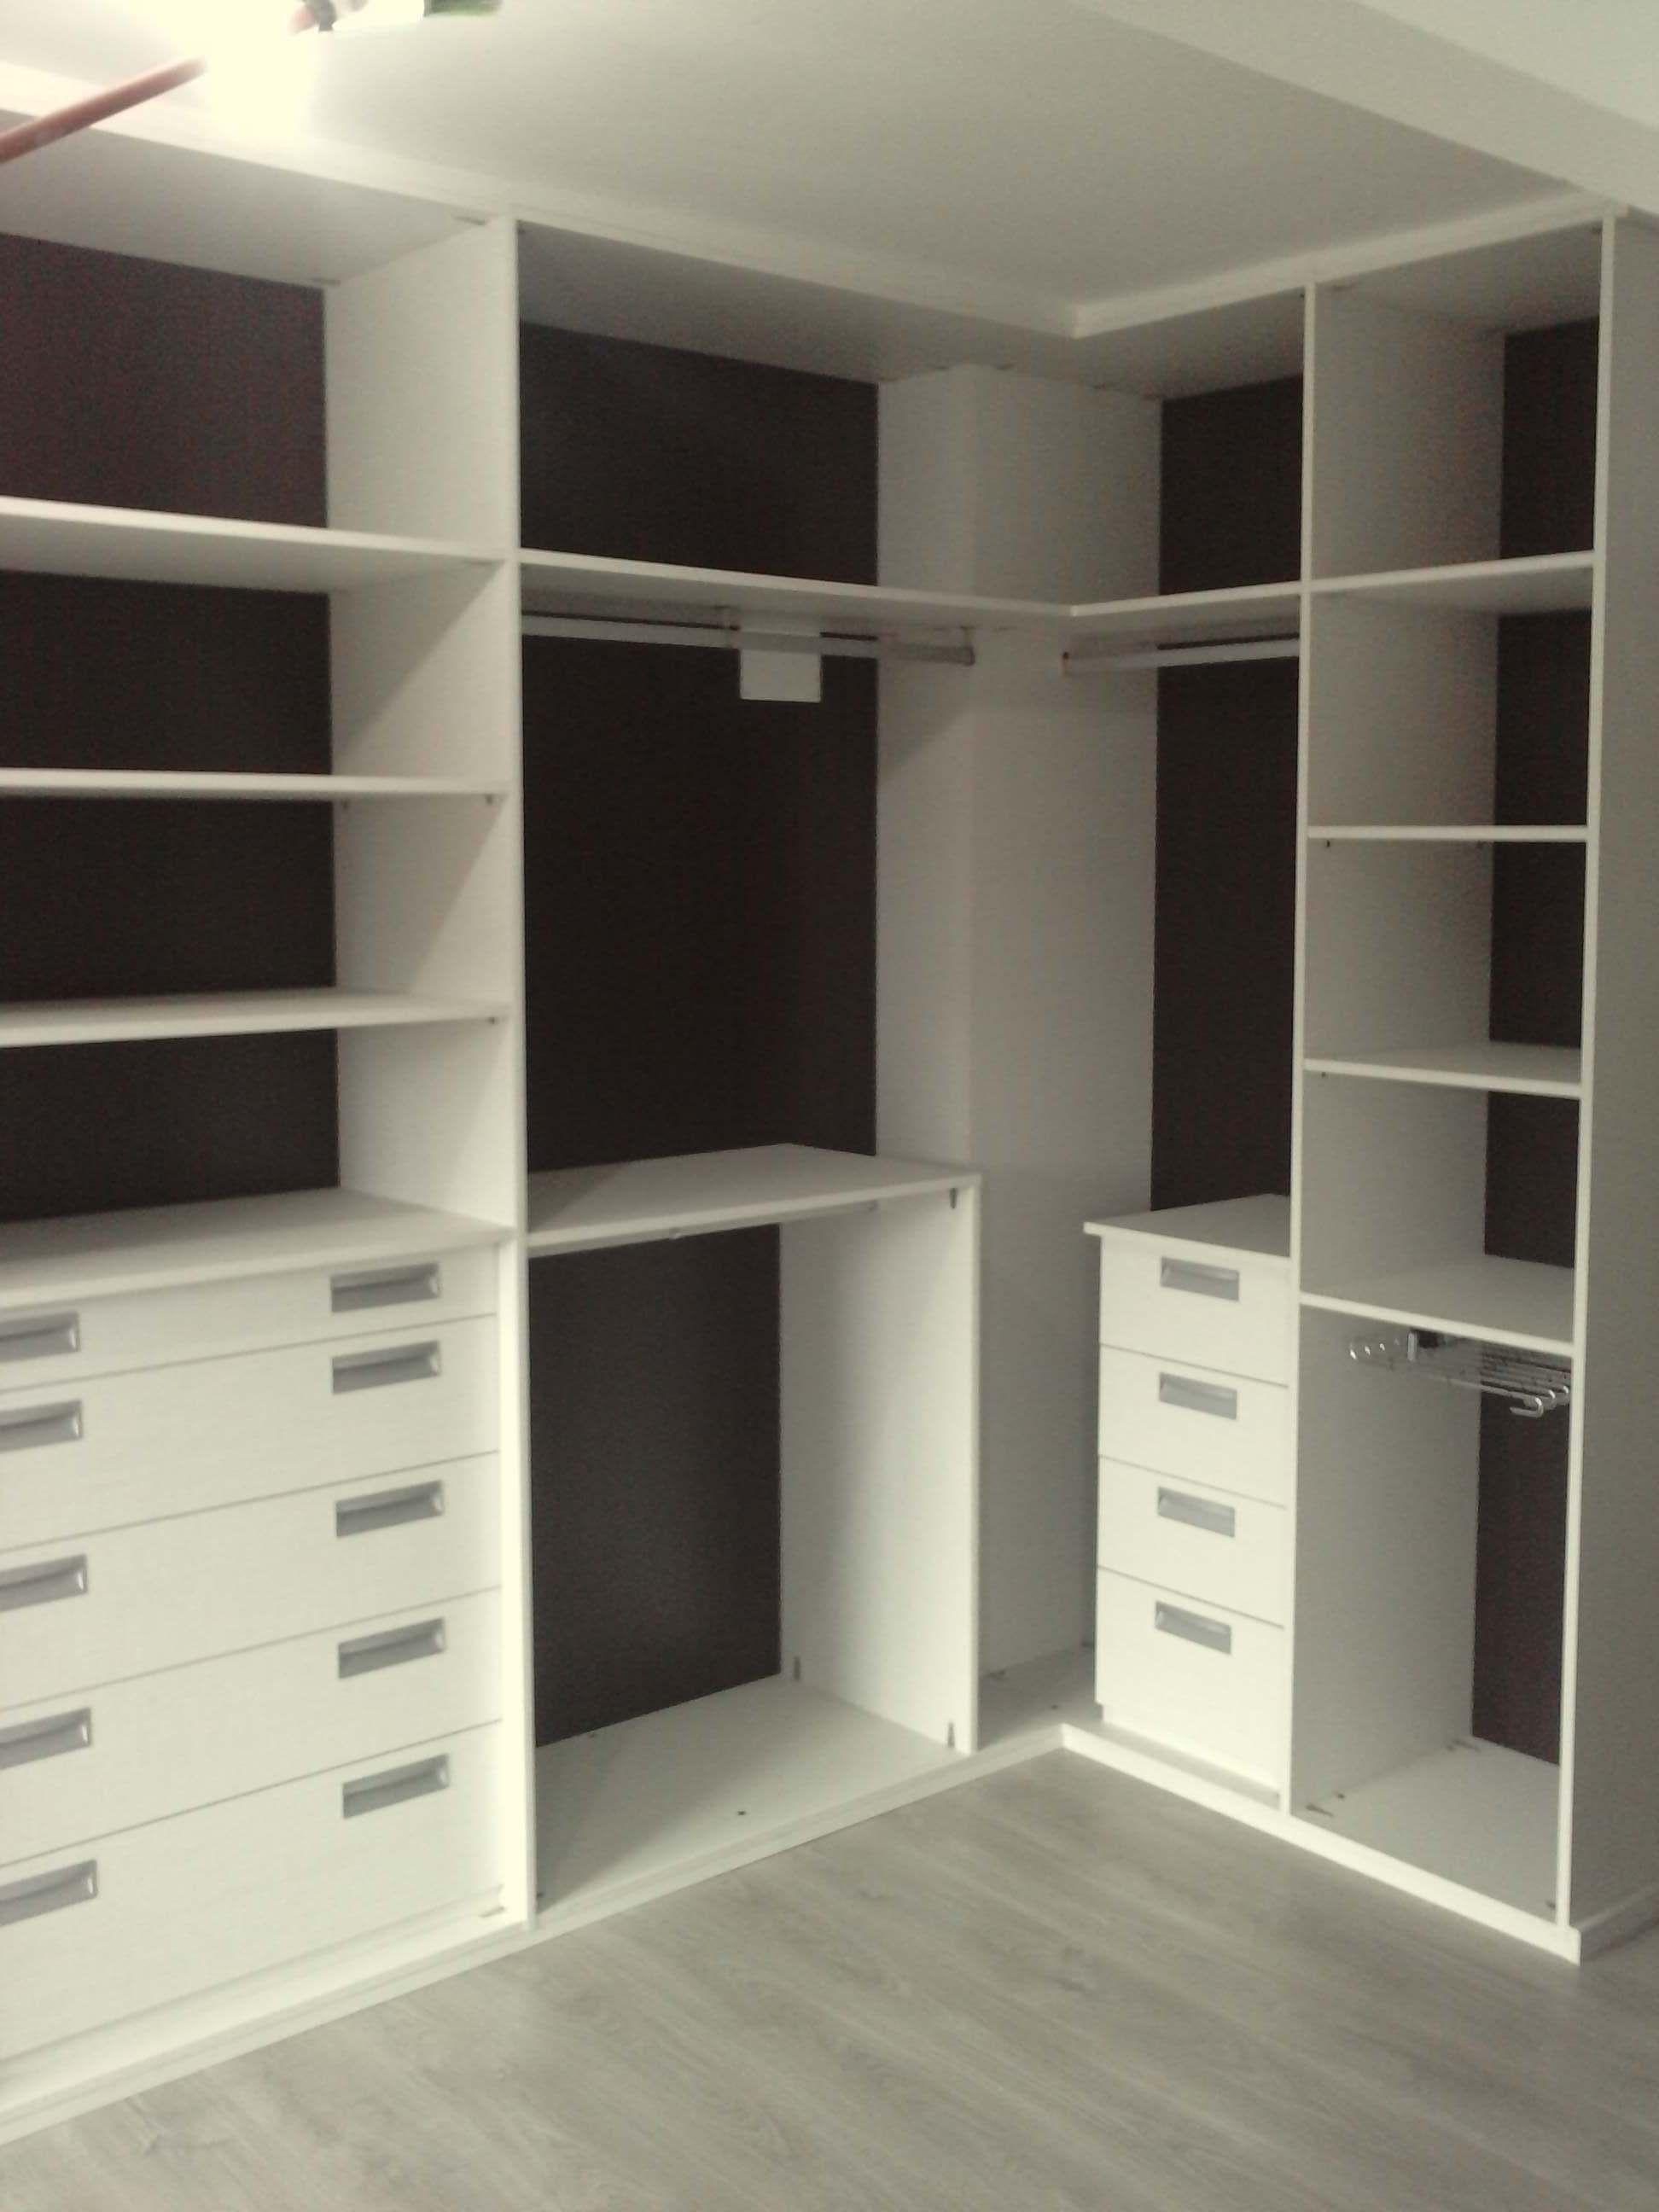 Vestidores ikea precios 41310 muebles ideas - Armarios a medida tenerife ...